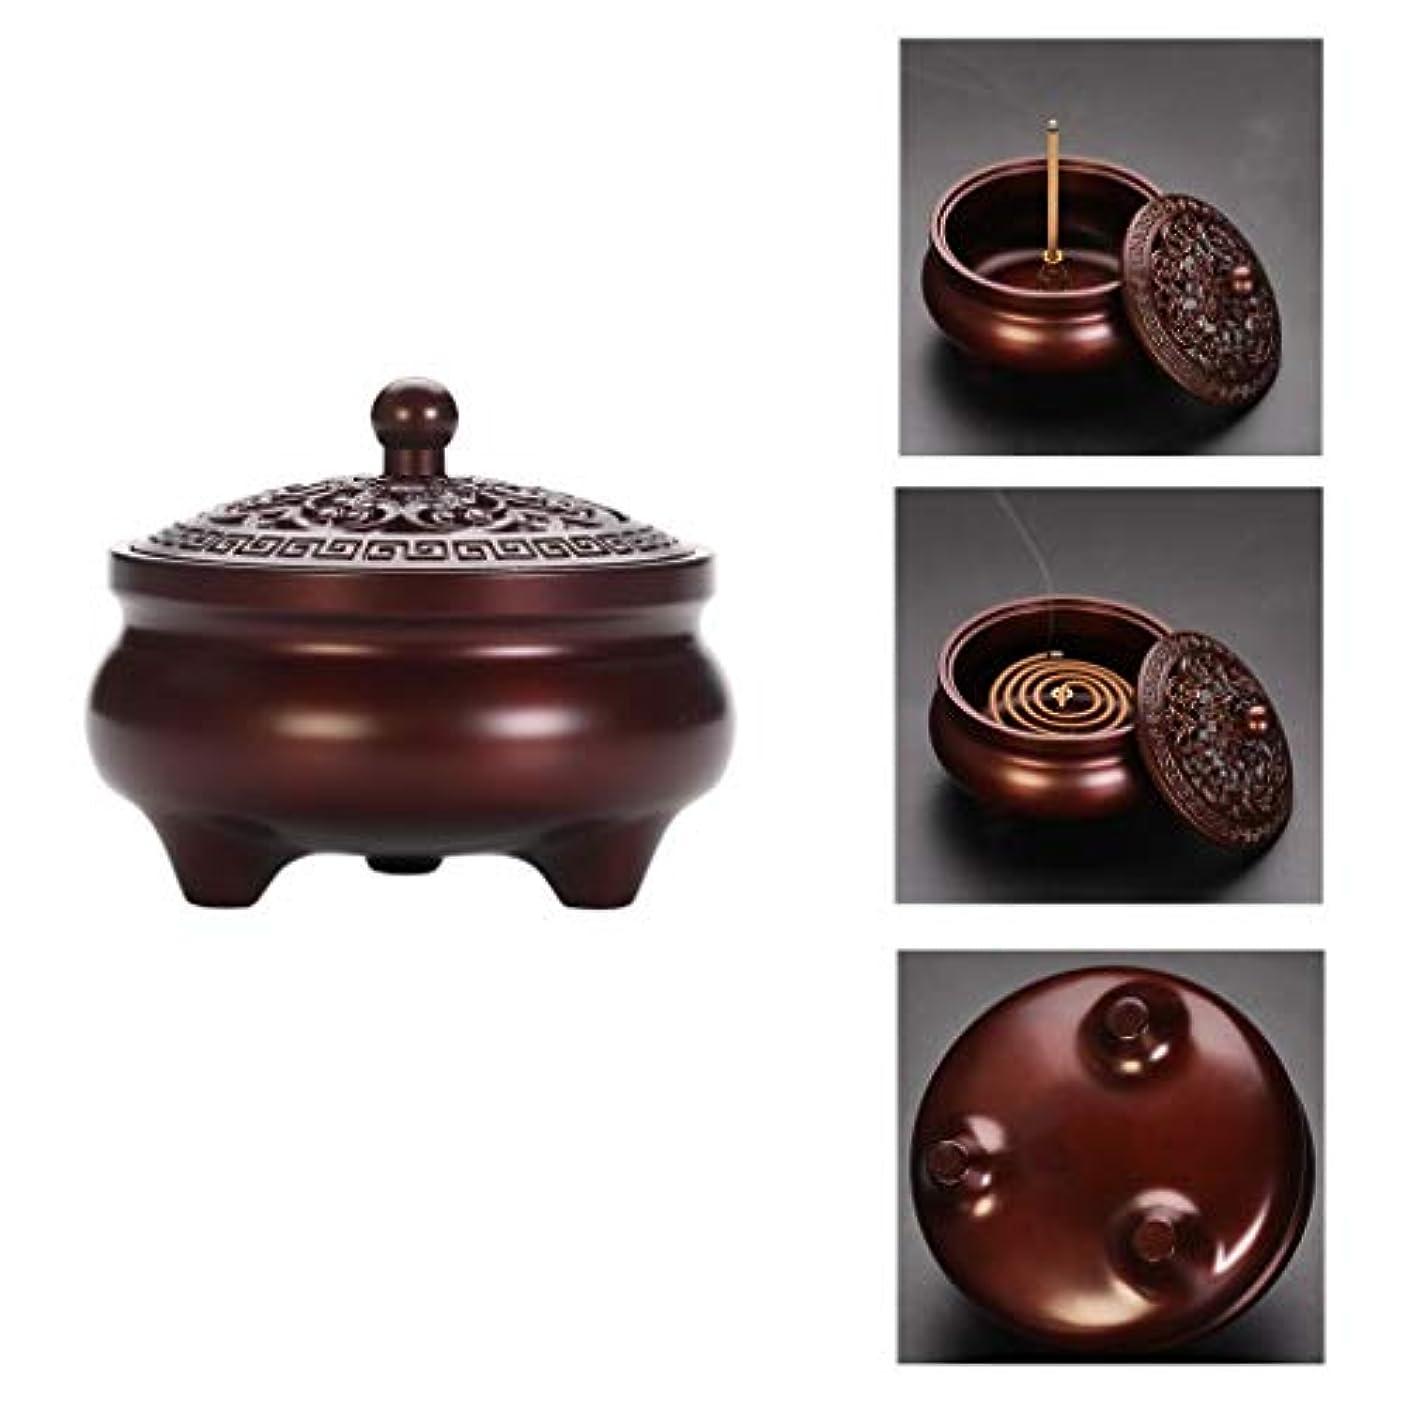 土地テーブルインスタンスホームアロマバーナー 純銅製メカニズム香炉シンプルでエレガントな香炉内三脚アロマセラピー炉 アロマバーナー (Color : Purple Lotus)